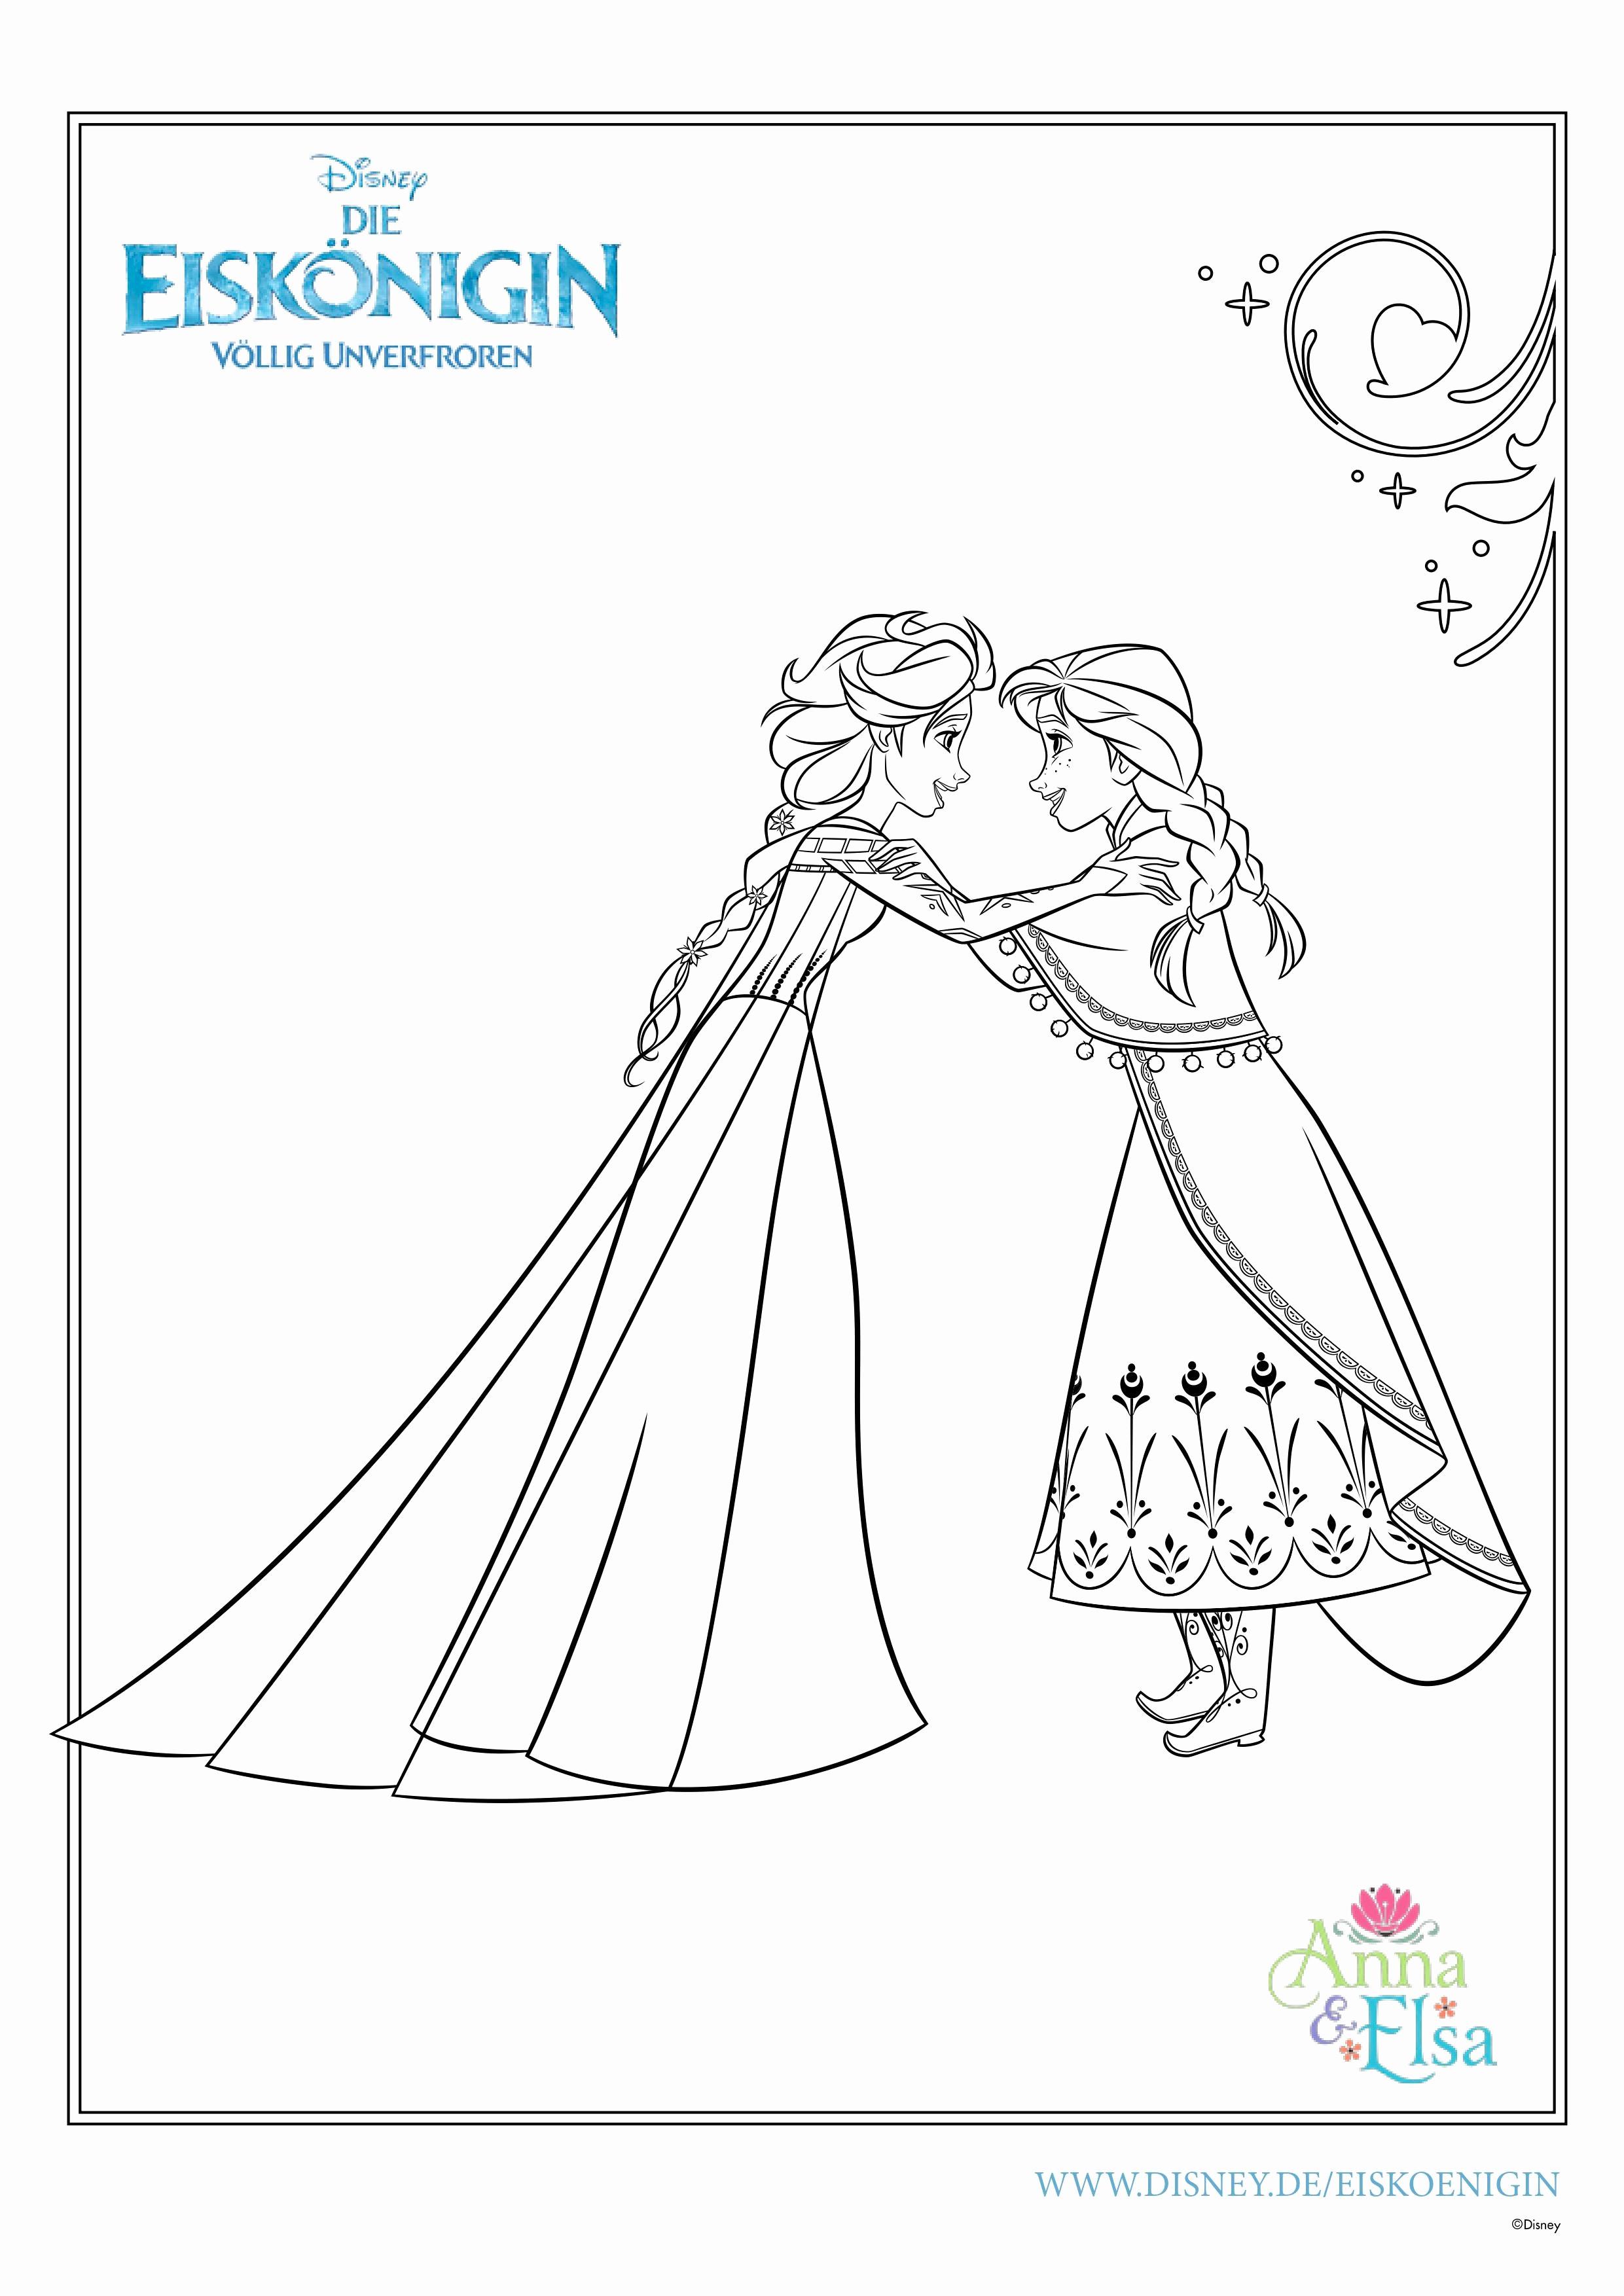 Disney Ausmalbilder Online Ausmalen Das Beste Von Anna Und Elsa Ausmalbilder Zum Ausdrucken Neu Ausmalbilder Bilder